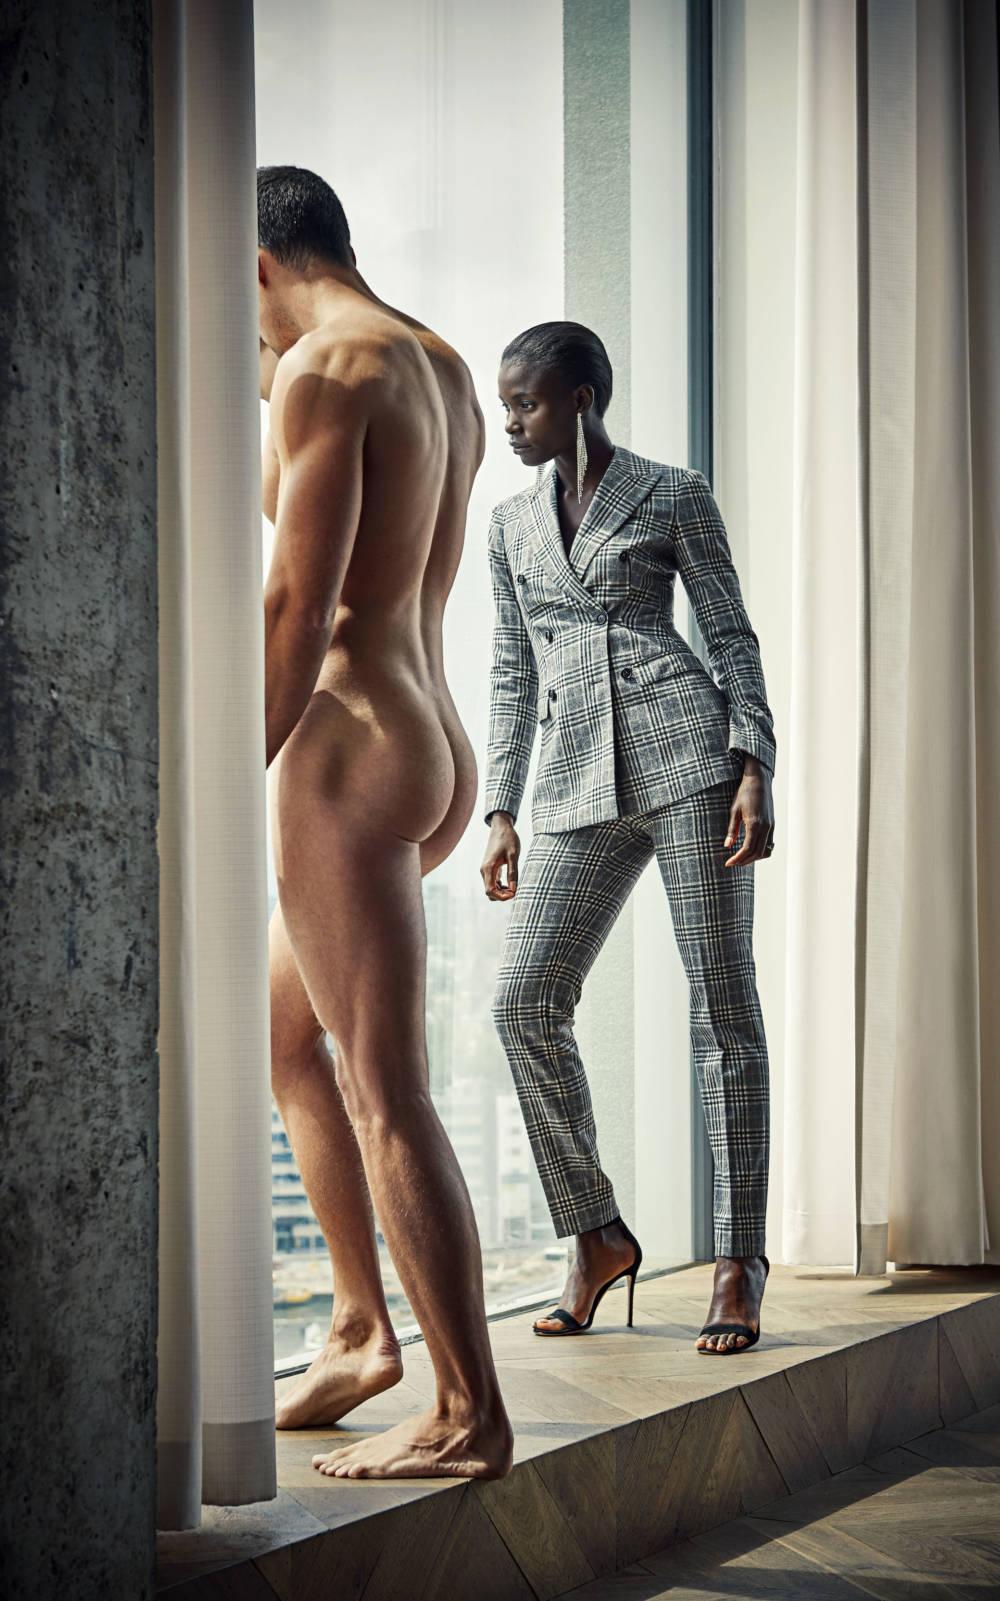 Frauen nackt mode